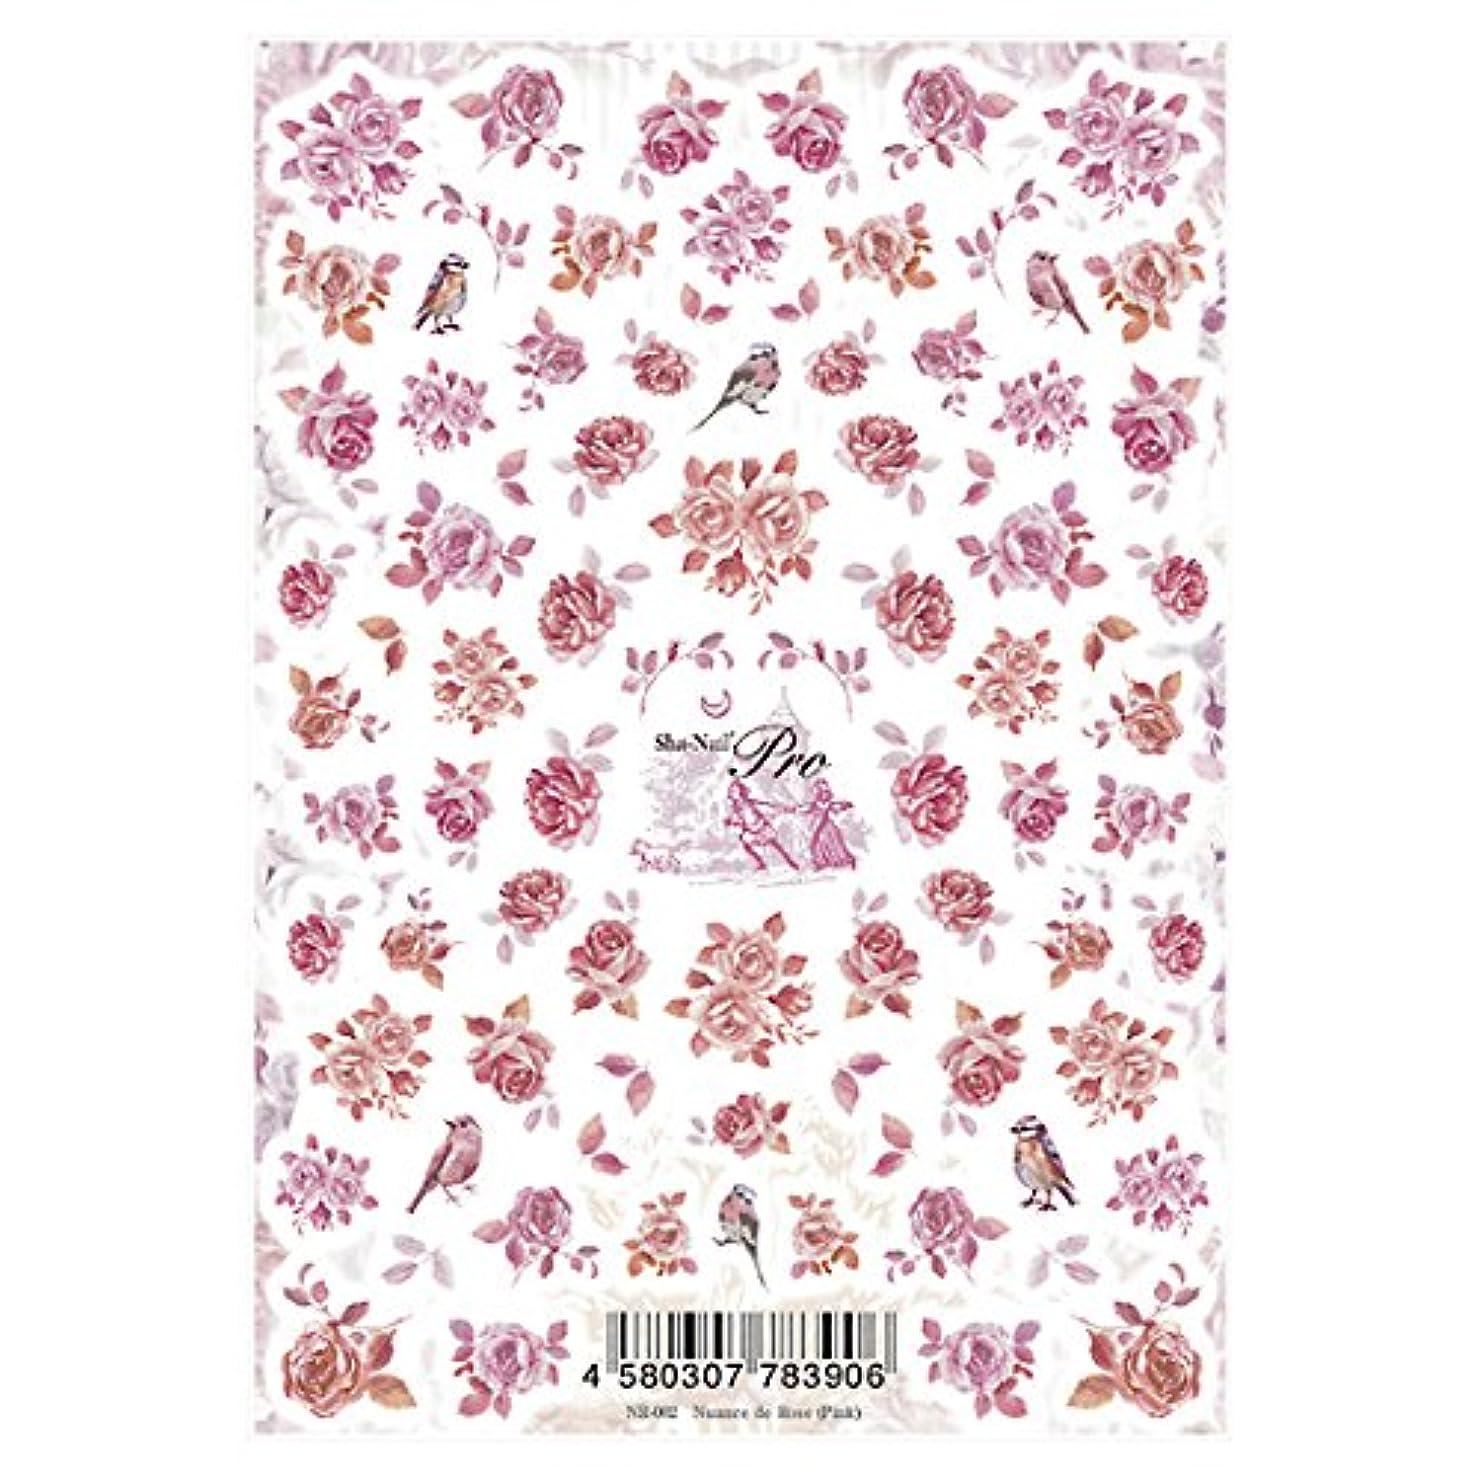 ボーダーハンバーガーバックグラウンド写ネイルプロ ネイルシール ニュアンスローズ ピンク アート材